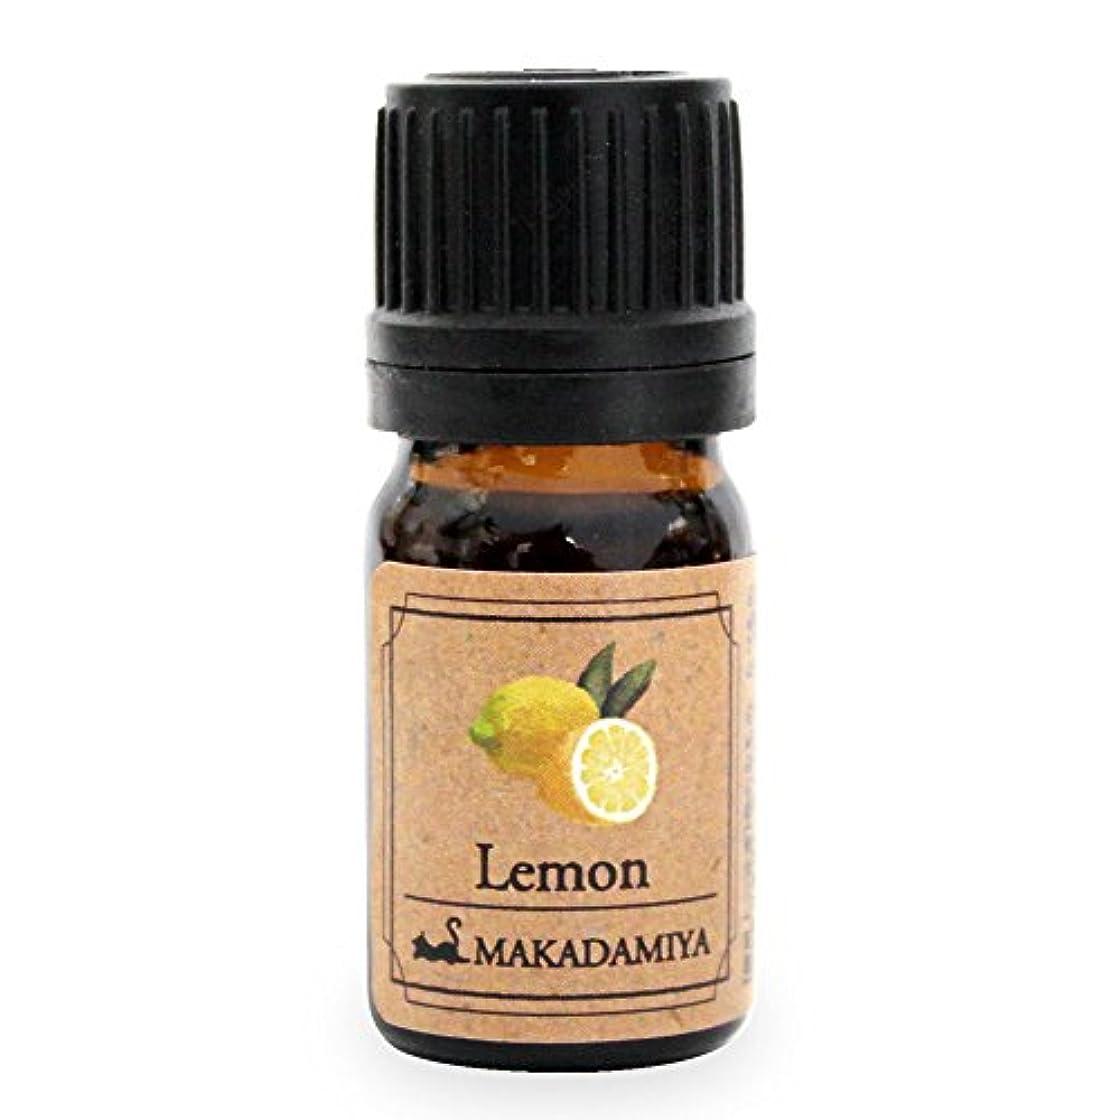 考え発疹組み合わせレモン5ml 天然100%植物性 エッセンシャルオイル(精油) アロマオイル アロママッサージ aroma Lemon